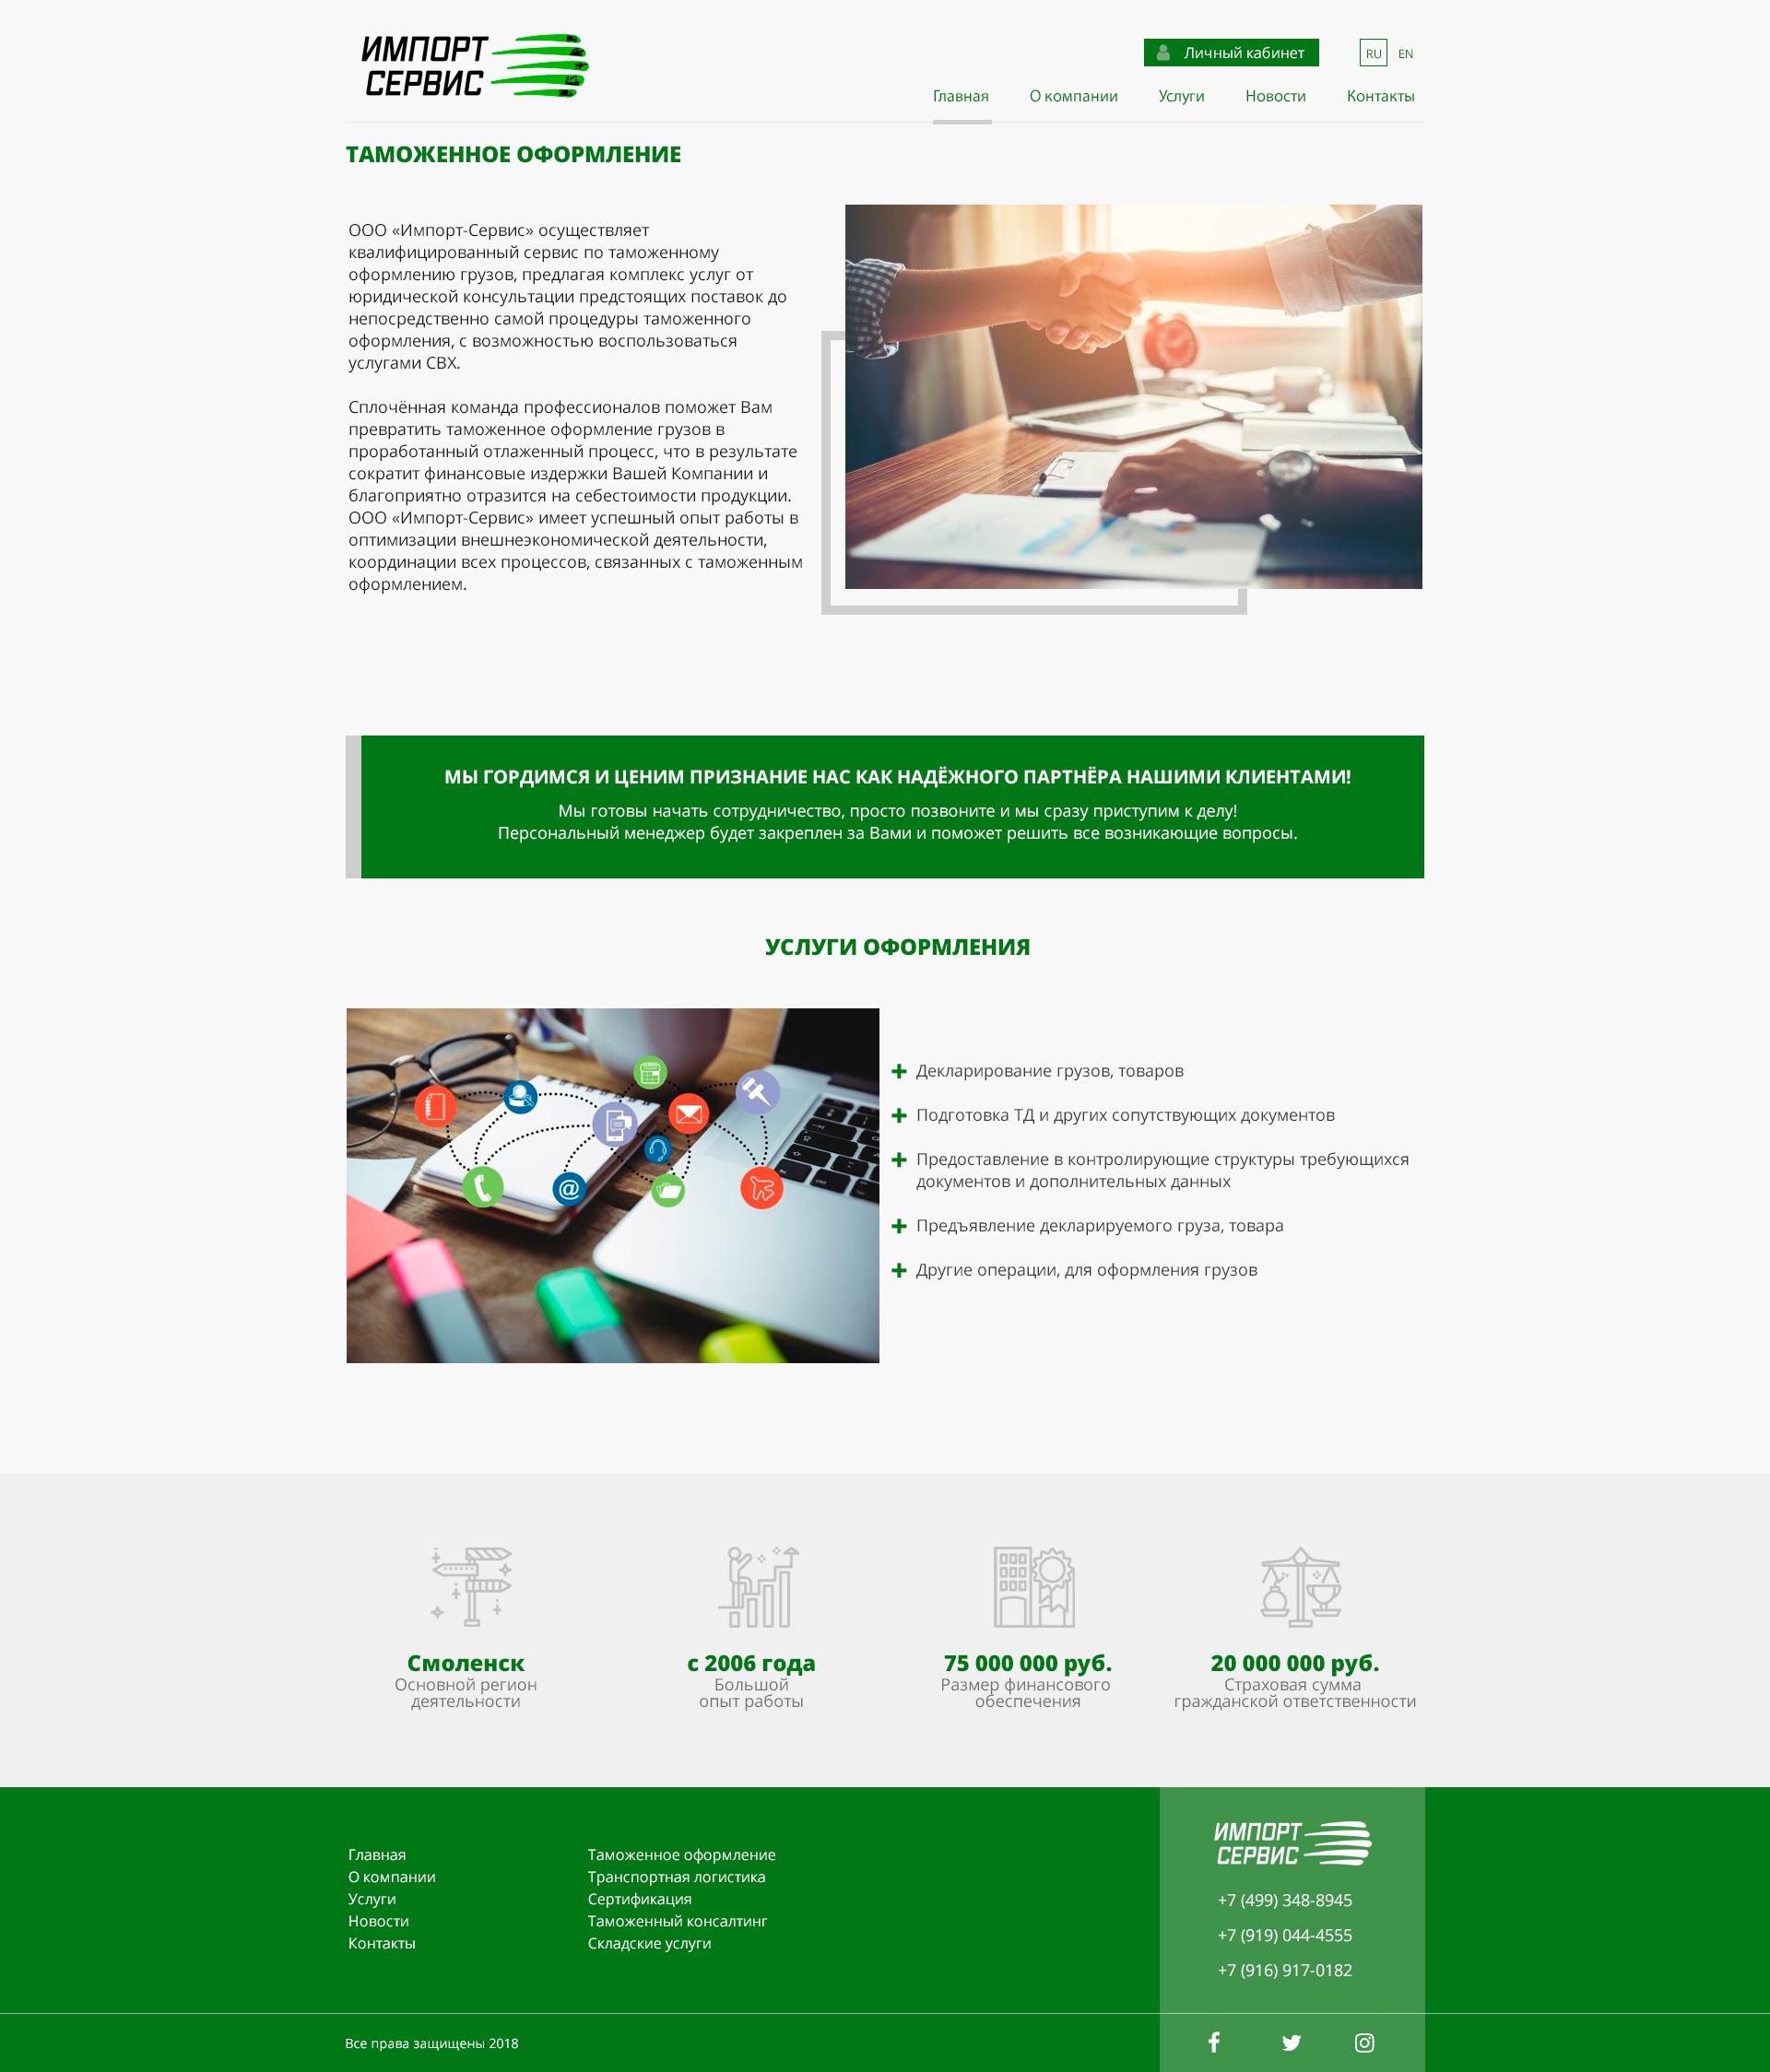 Создание трех страниц в пдф для сайта фото f_0435b7d14ce65b12.jpg